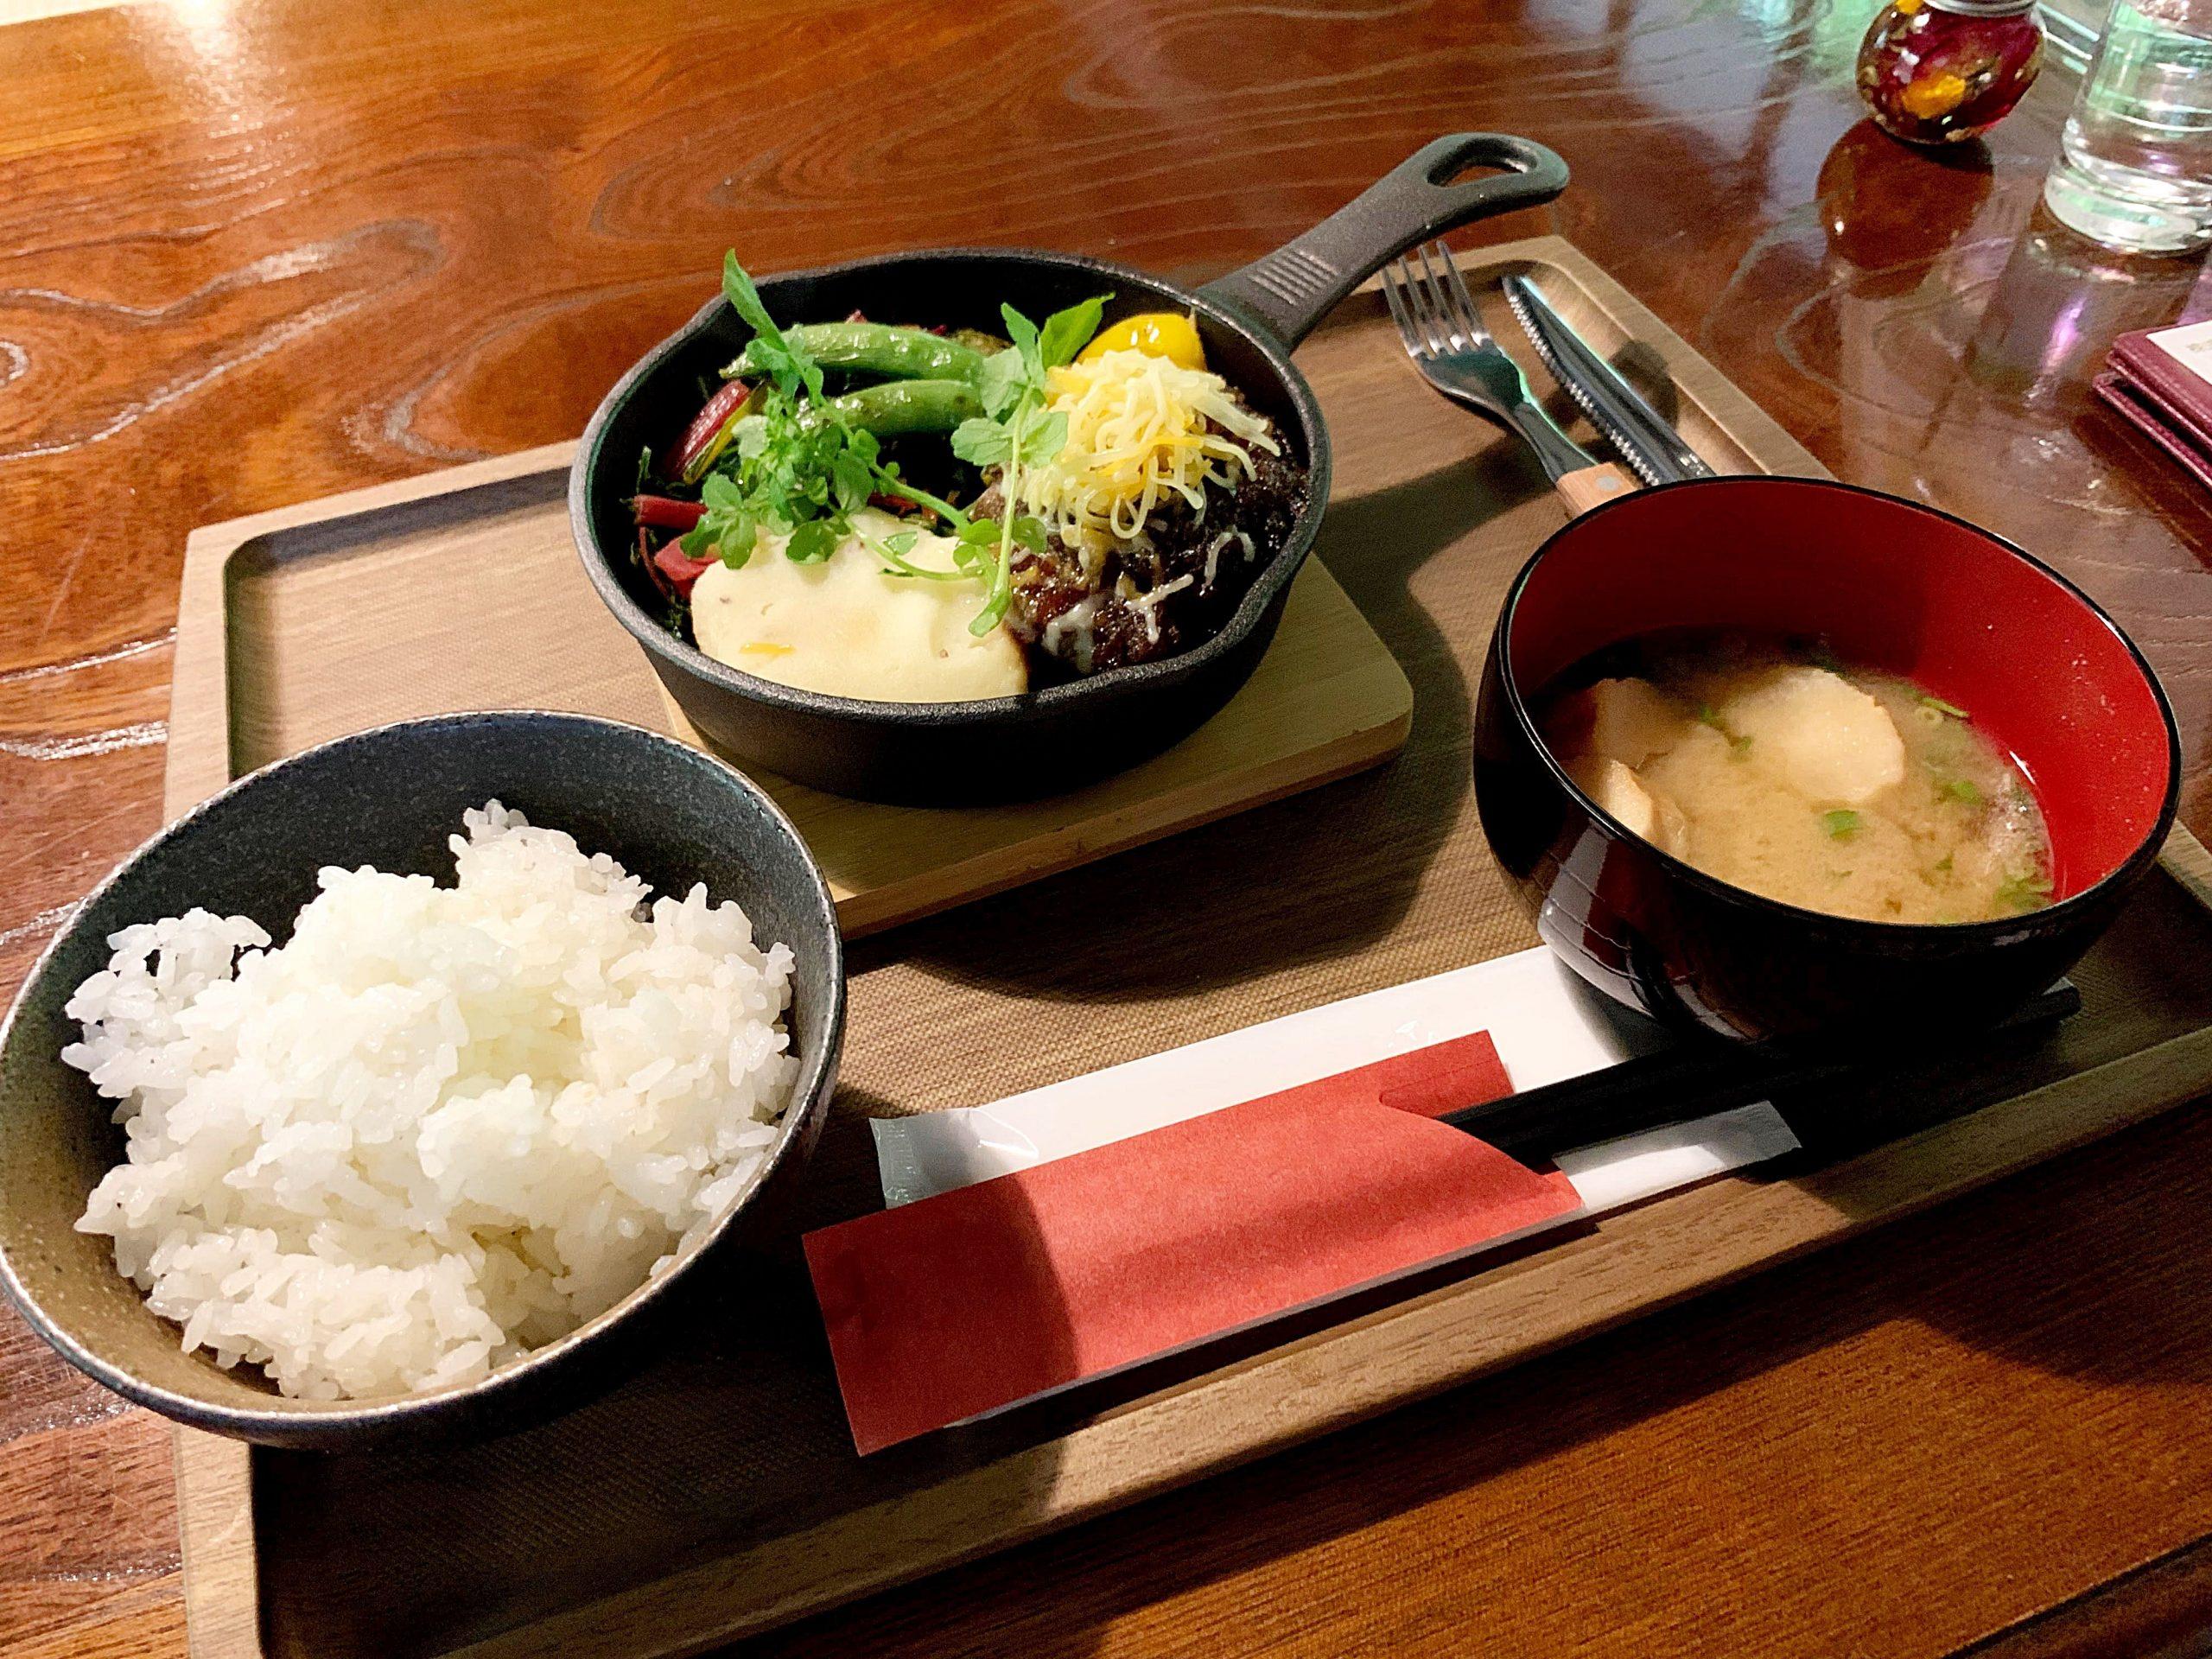 小菅村の原始村キャンプ場「食事処ムッカ」でジビエランチ「鹿バーグ定食」食べてきた